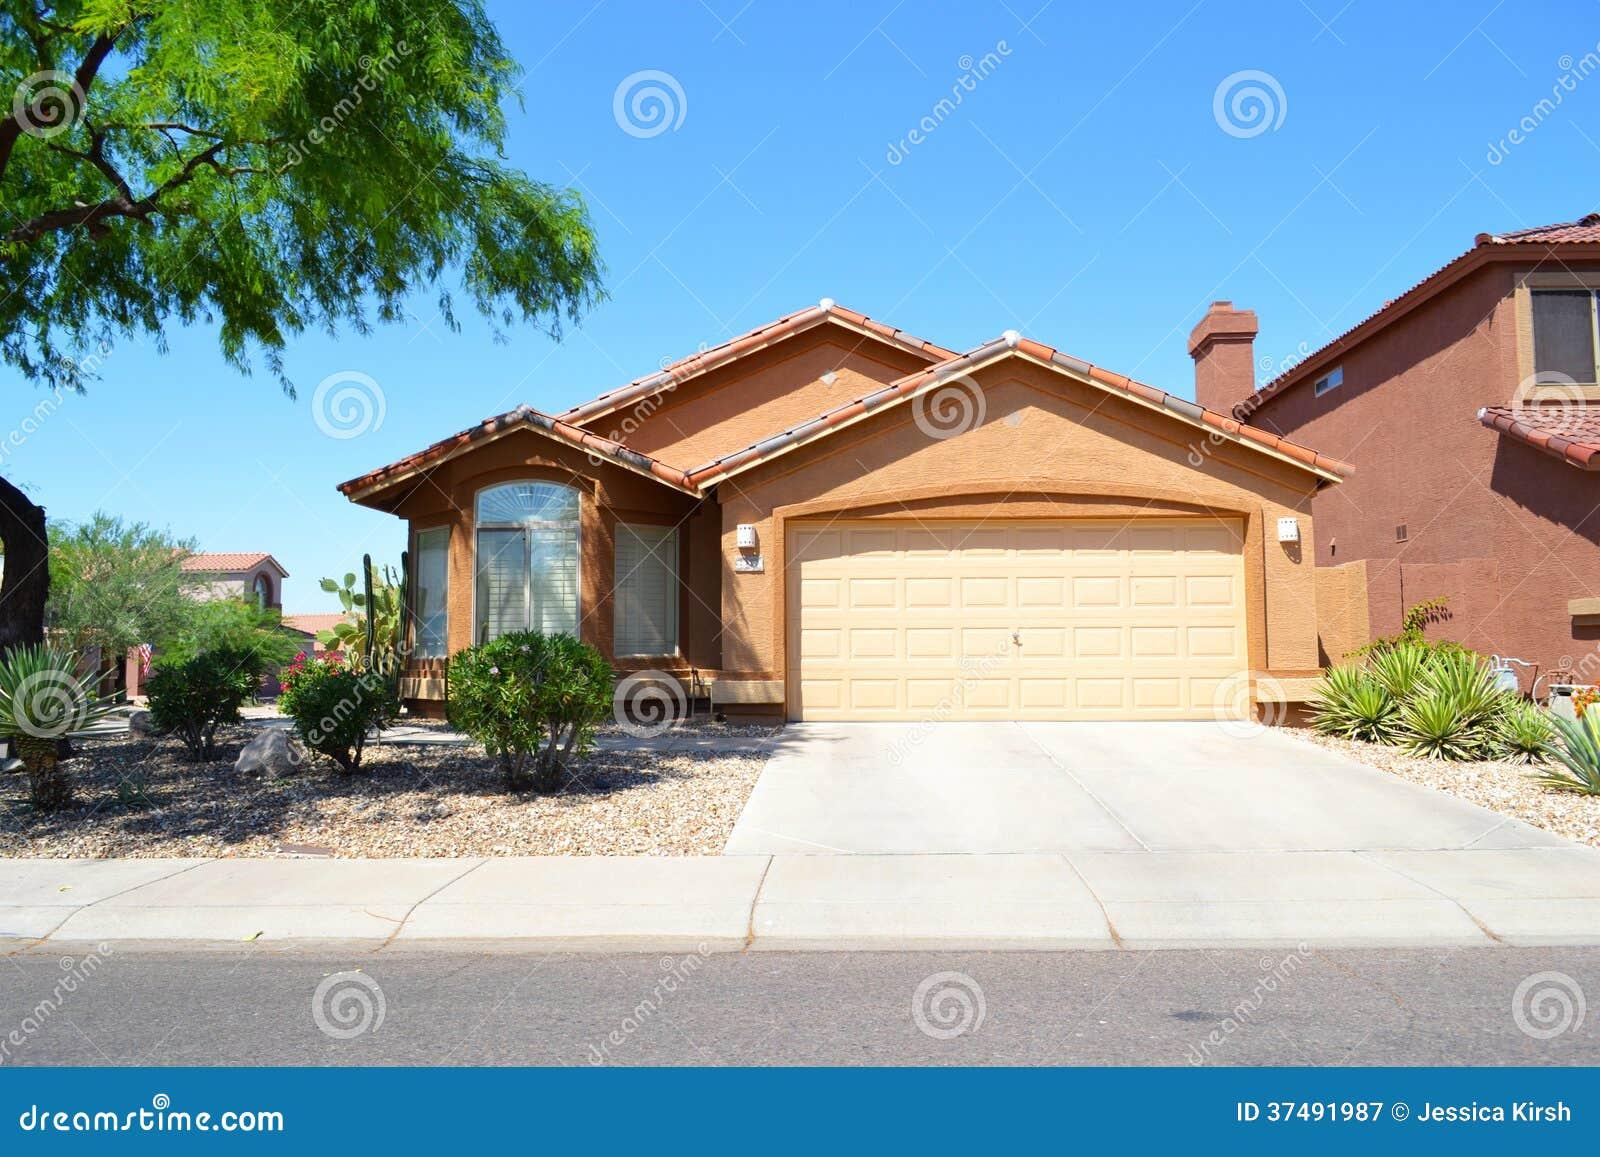 Maison Espagnole/du Sud-ouest Toute Neuve De Rêve De L'Arizona De ...